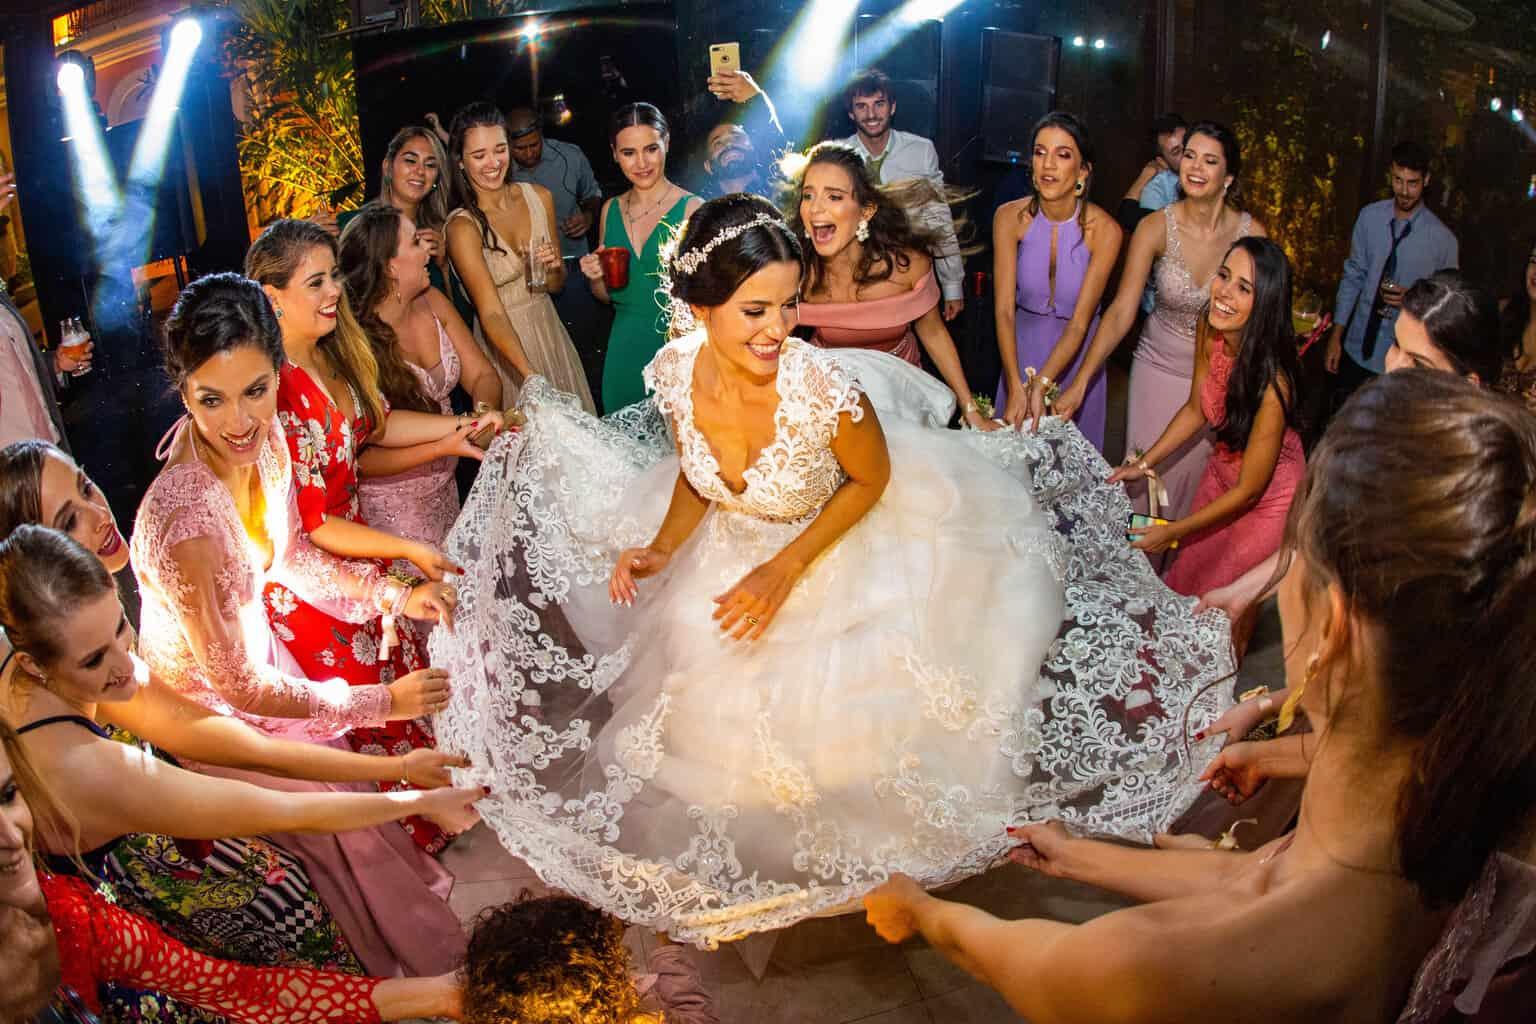 casamento-Beatriz-e-Joao-Fernando-Itaipava-Locanda-Della-Mimosa-pista-Thienny-Tammis232